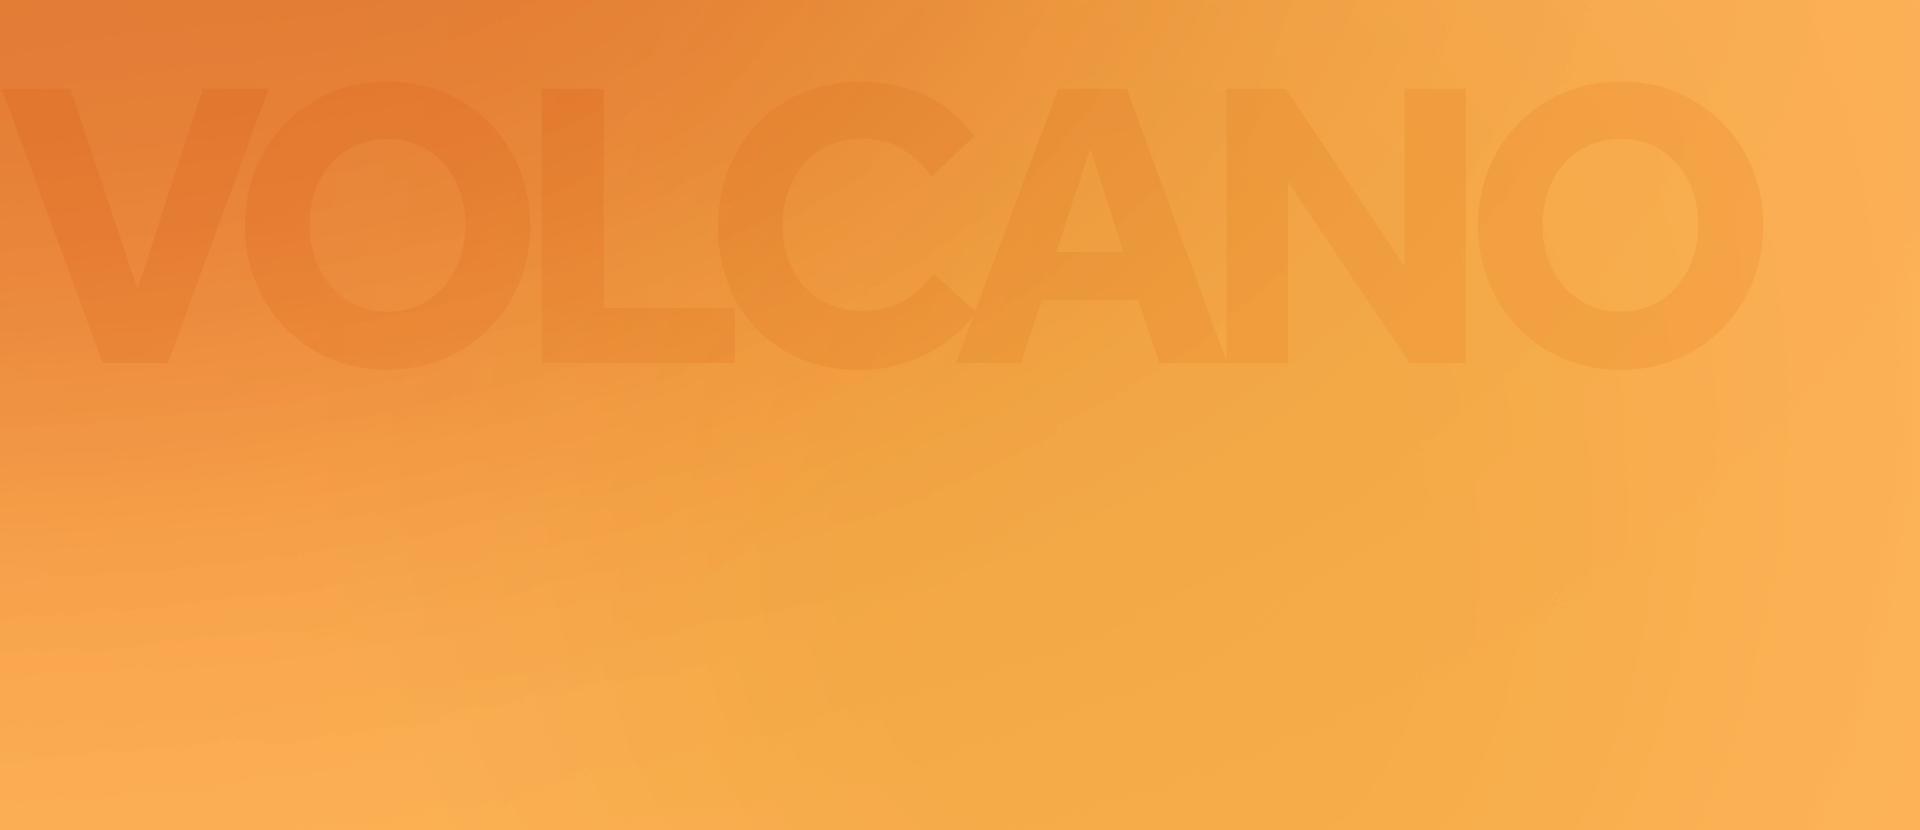 An orange wave background